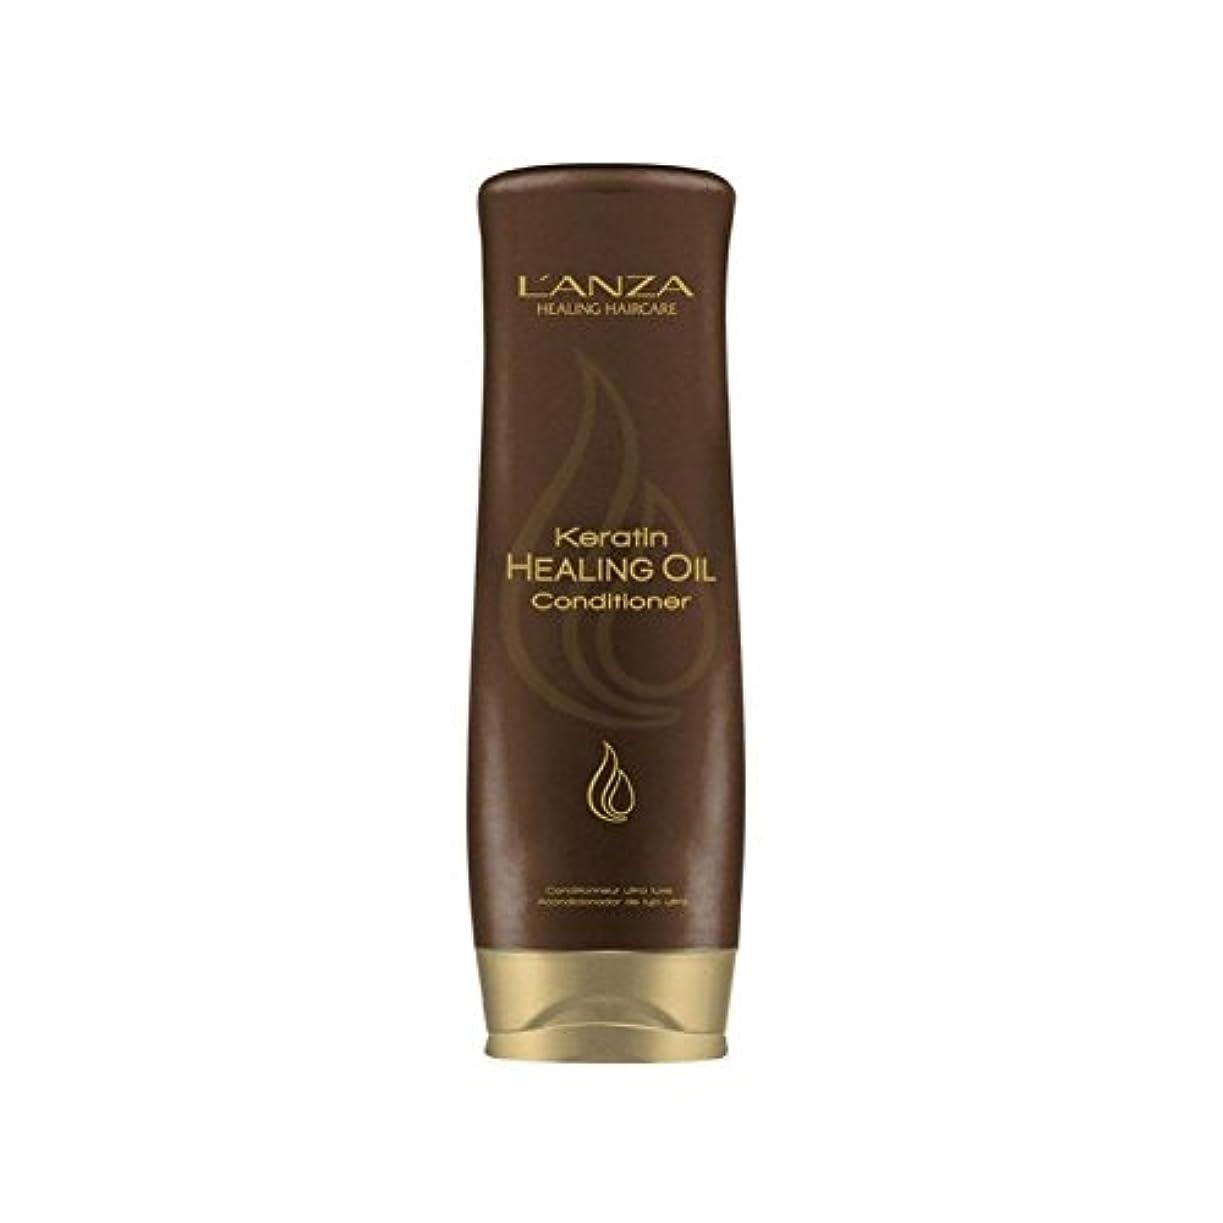 乗ってテレビ天文学アンザケラチンオイルコンディショナー(250ミリリットル)を癒し x4 - L'Anza Keratin Healing Oil Conditioner (250ml) (Pack of 4) [並行輸入品]